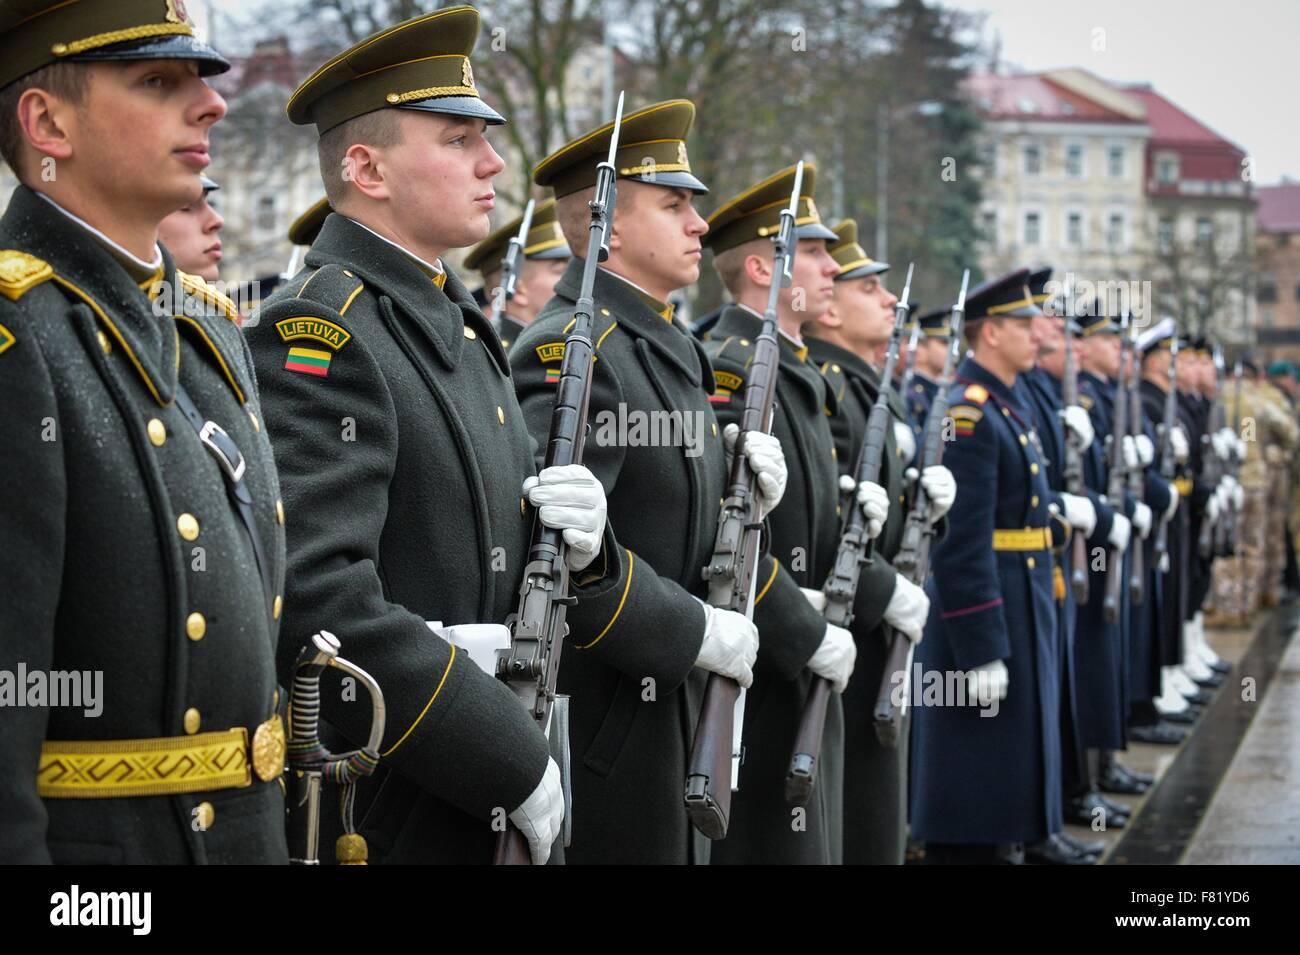 Il lituano truppe stand in formazione durante il lituano Forze Armate parata del giorno in Piazza Duomo Novembre Immagini Stock